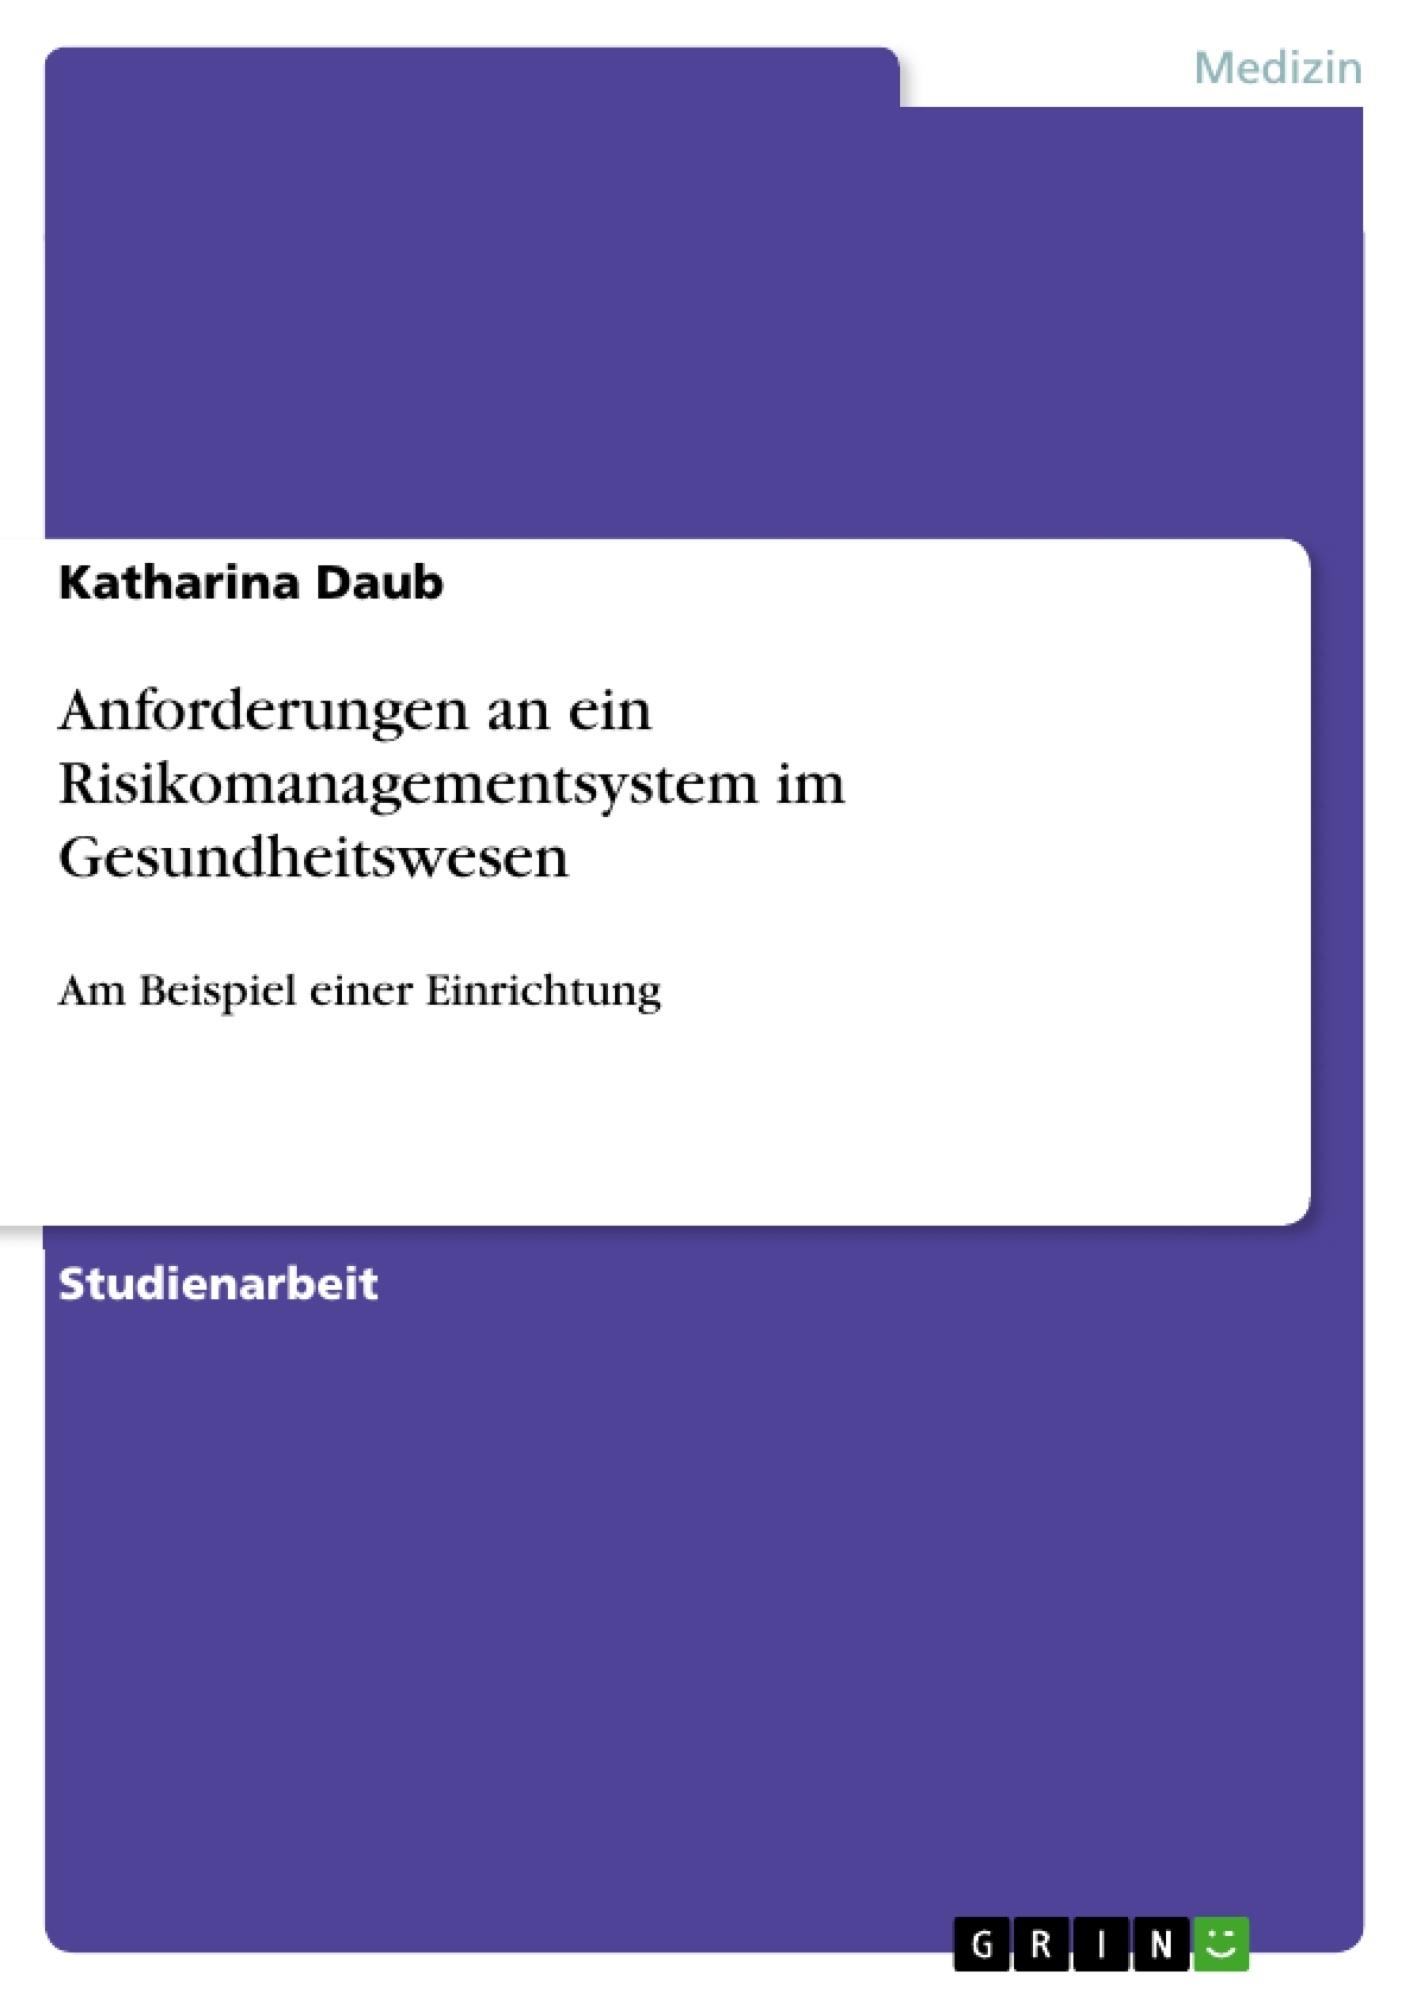 Titel: Anforderungen an ein Risikomanagementsystem im Gesundheitswesen